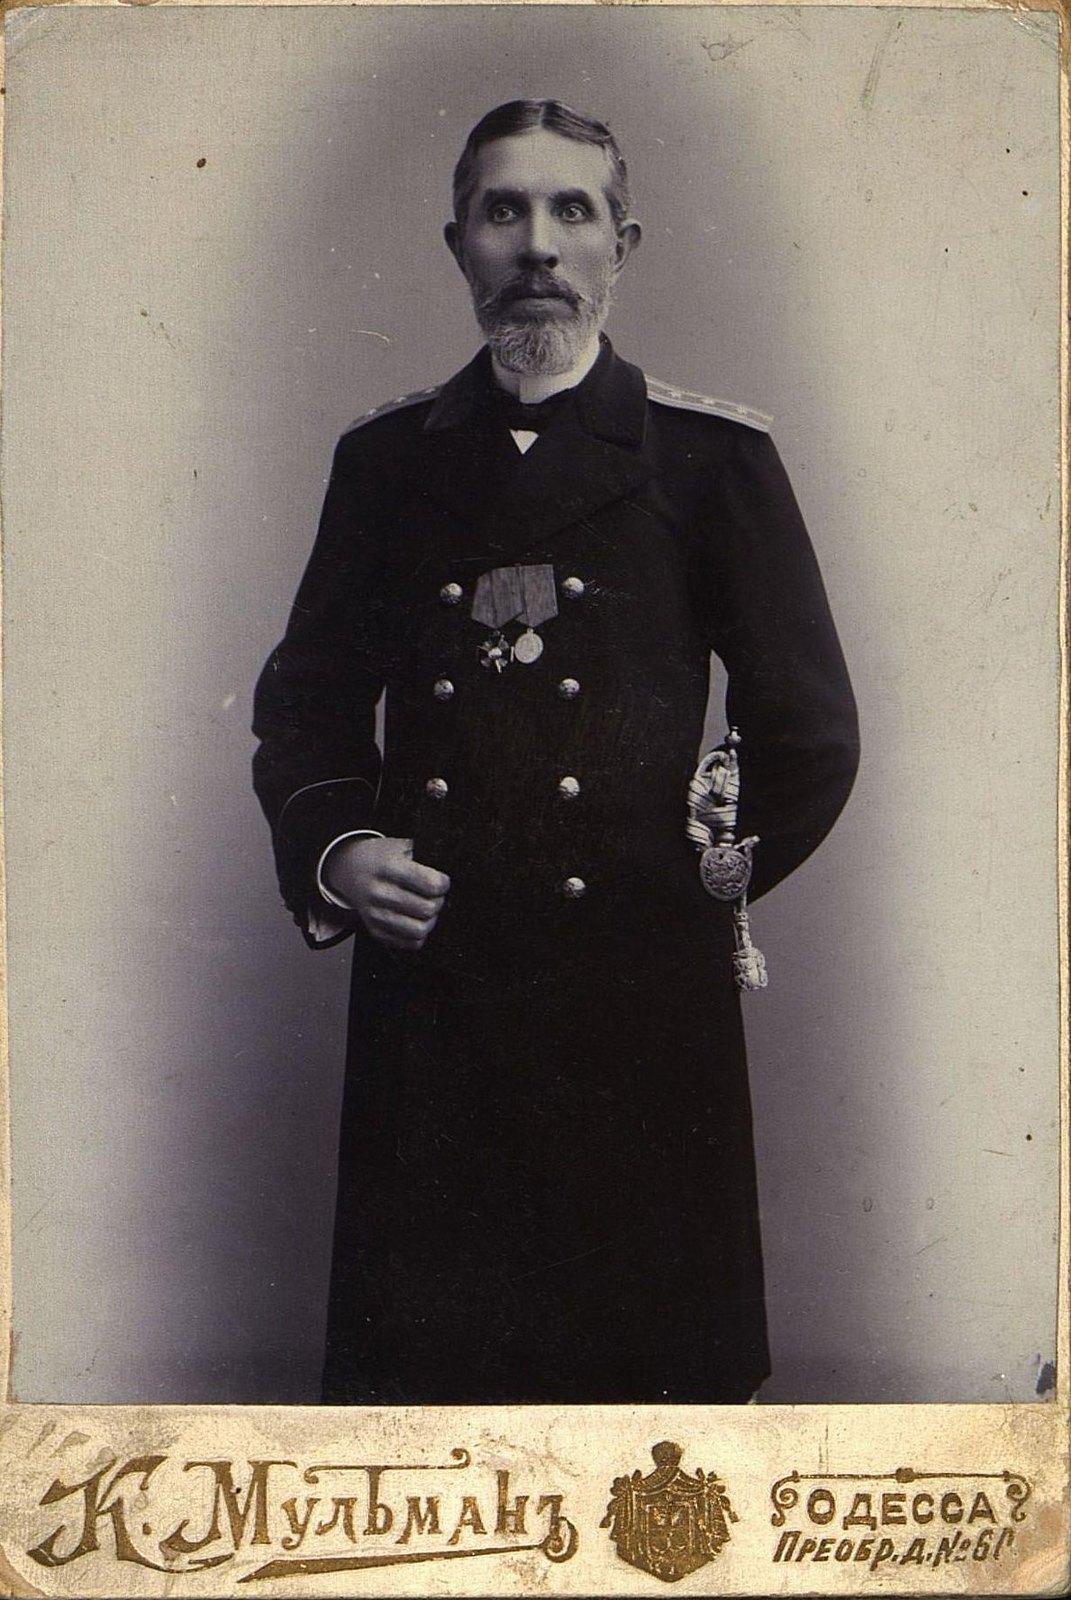 17. Манойлов Эммануил, судебный чиновник. Фотография К. Мульмана. 1901-1902 гг.